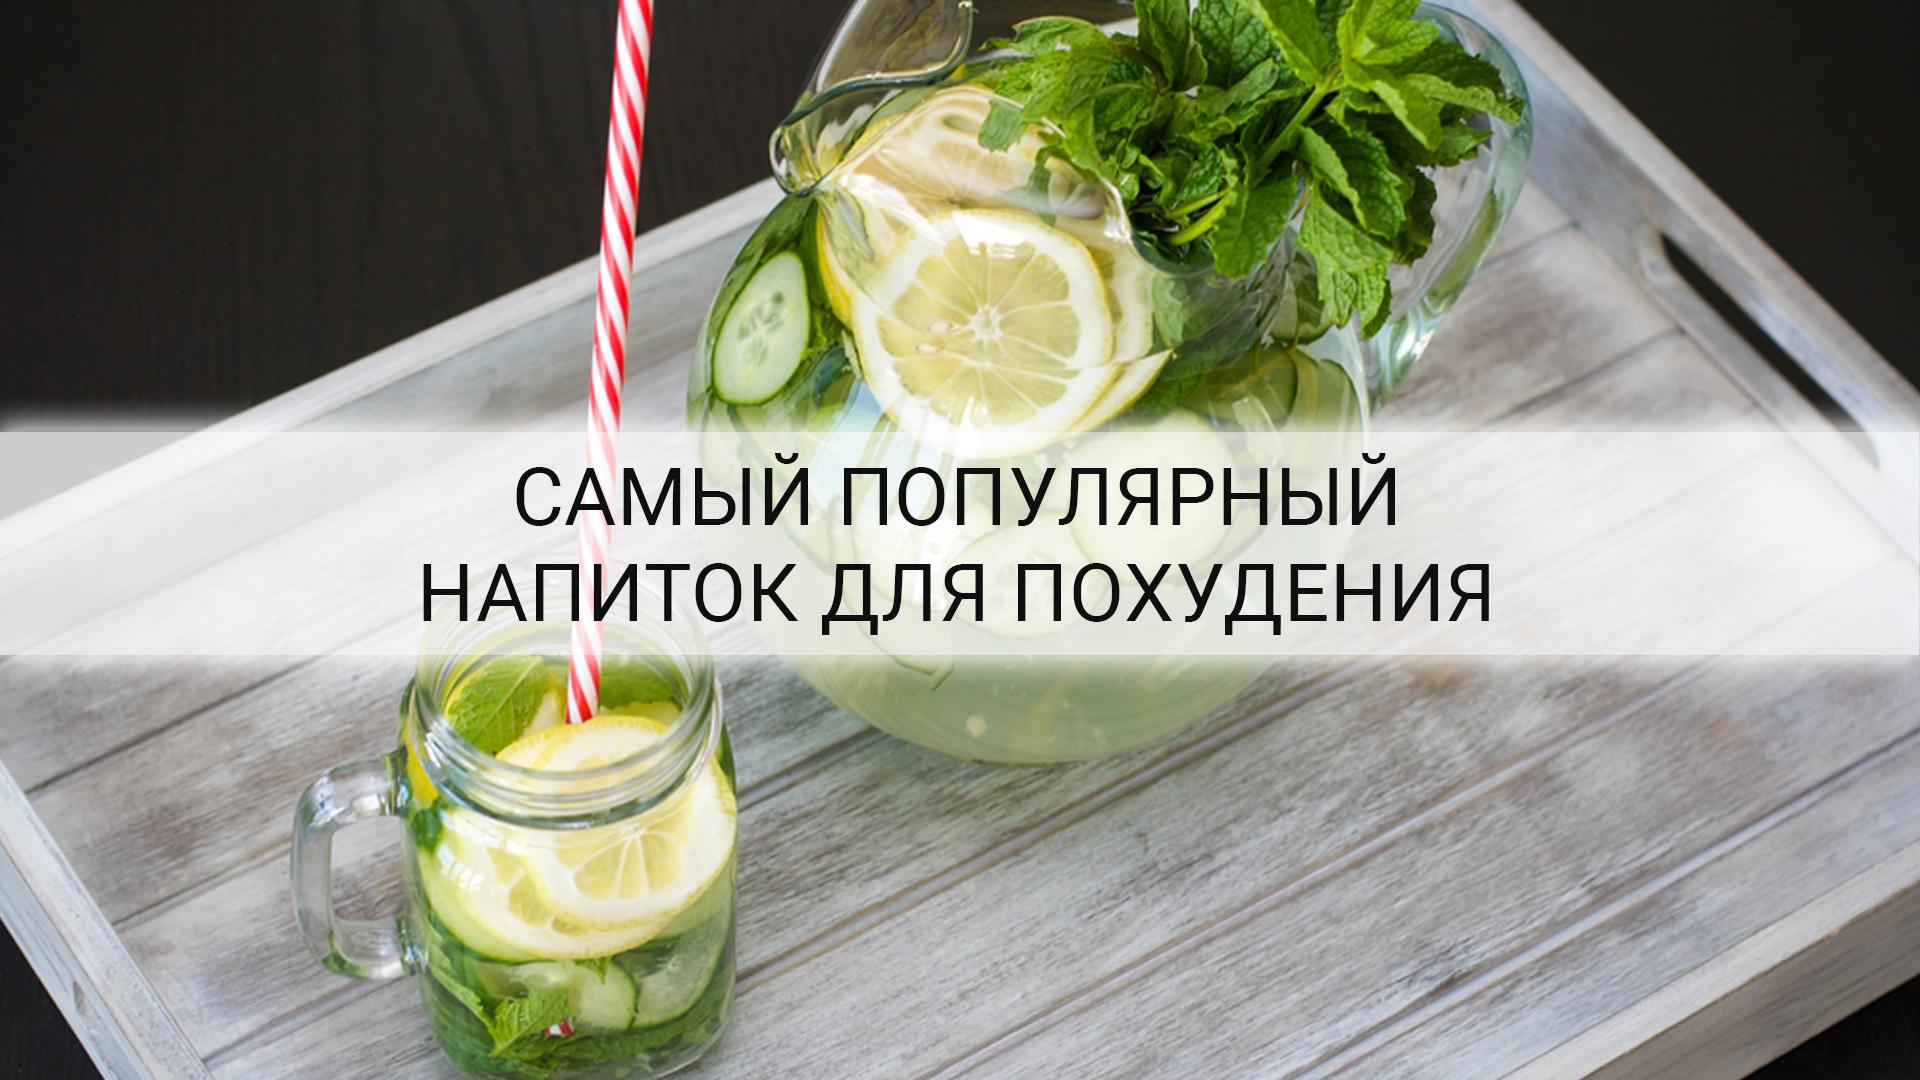 Рецепт напитка для похудения